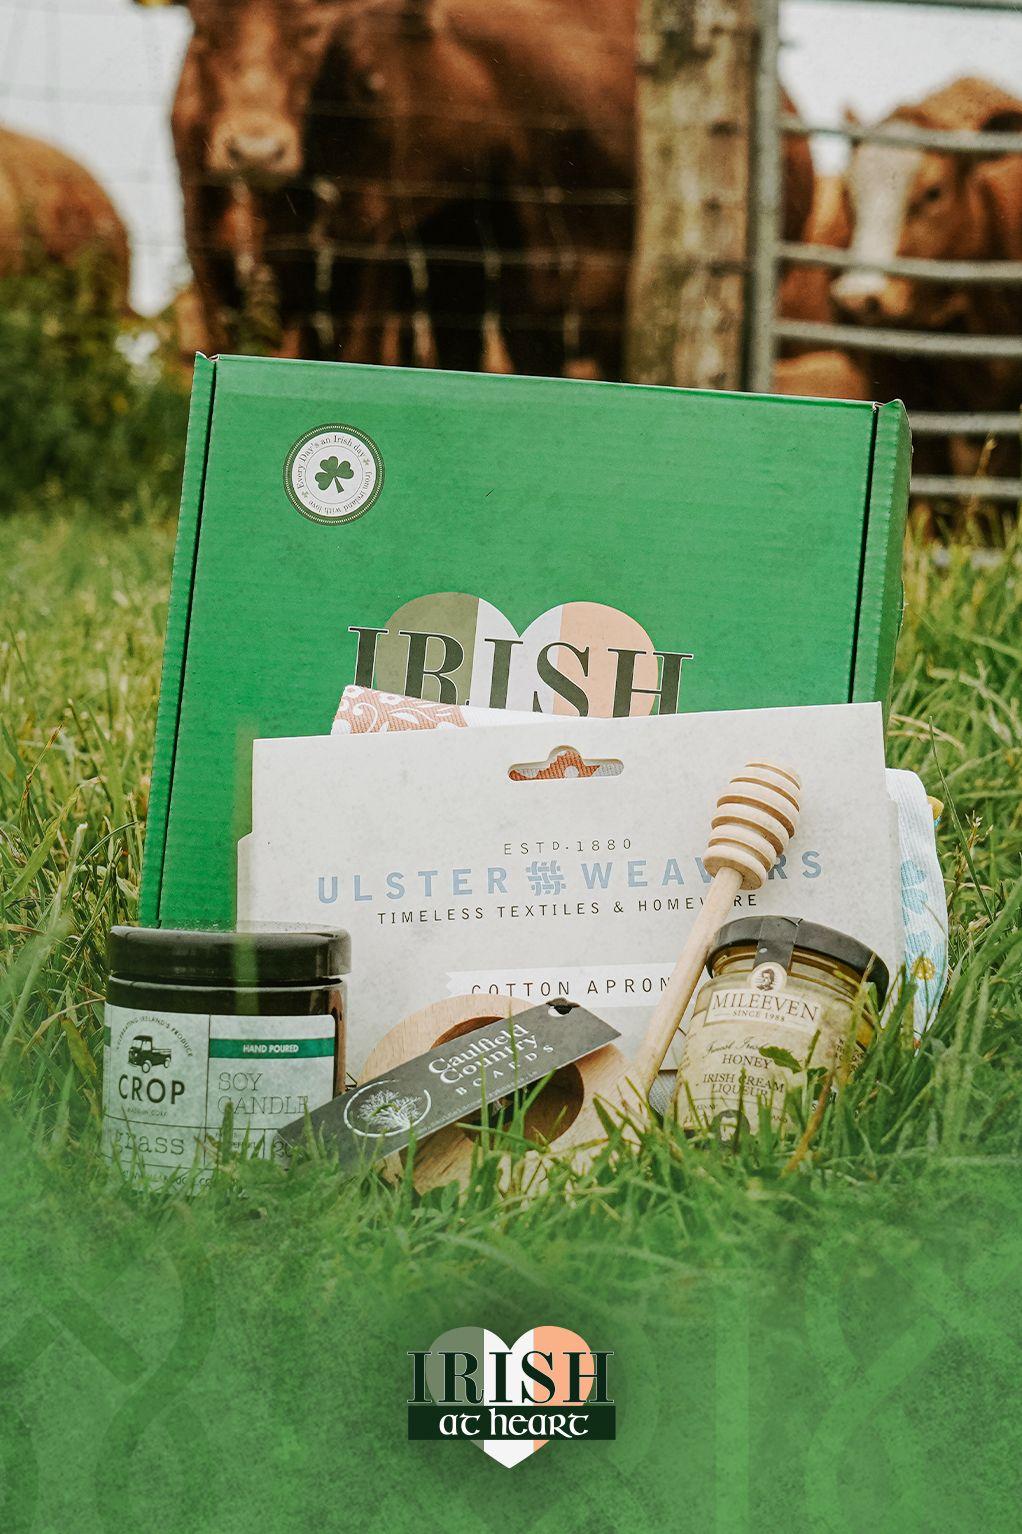 Irish Heritage Christmas Gifts 2020 Subscribe to Irish at Heart 💚 in 2020 | Irish gifts, Irish, Irish